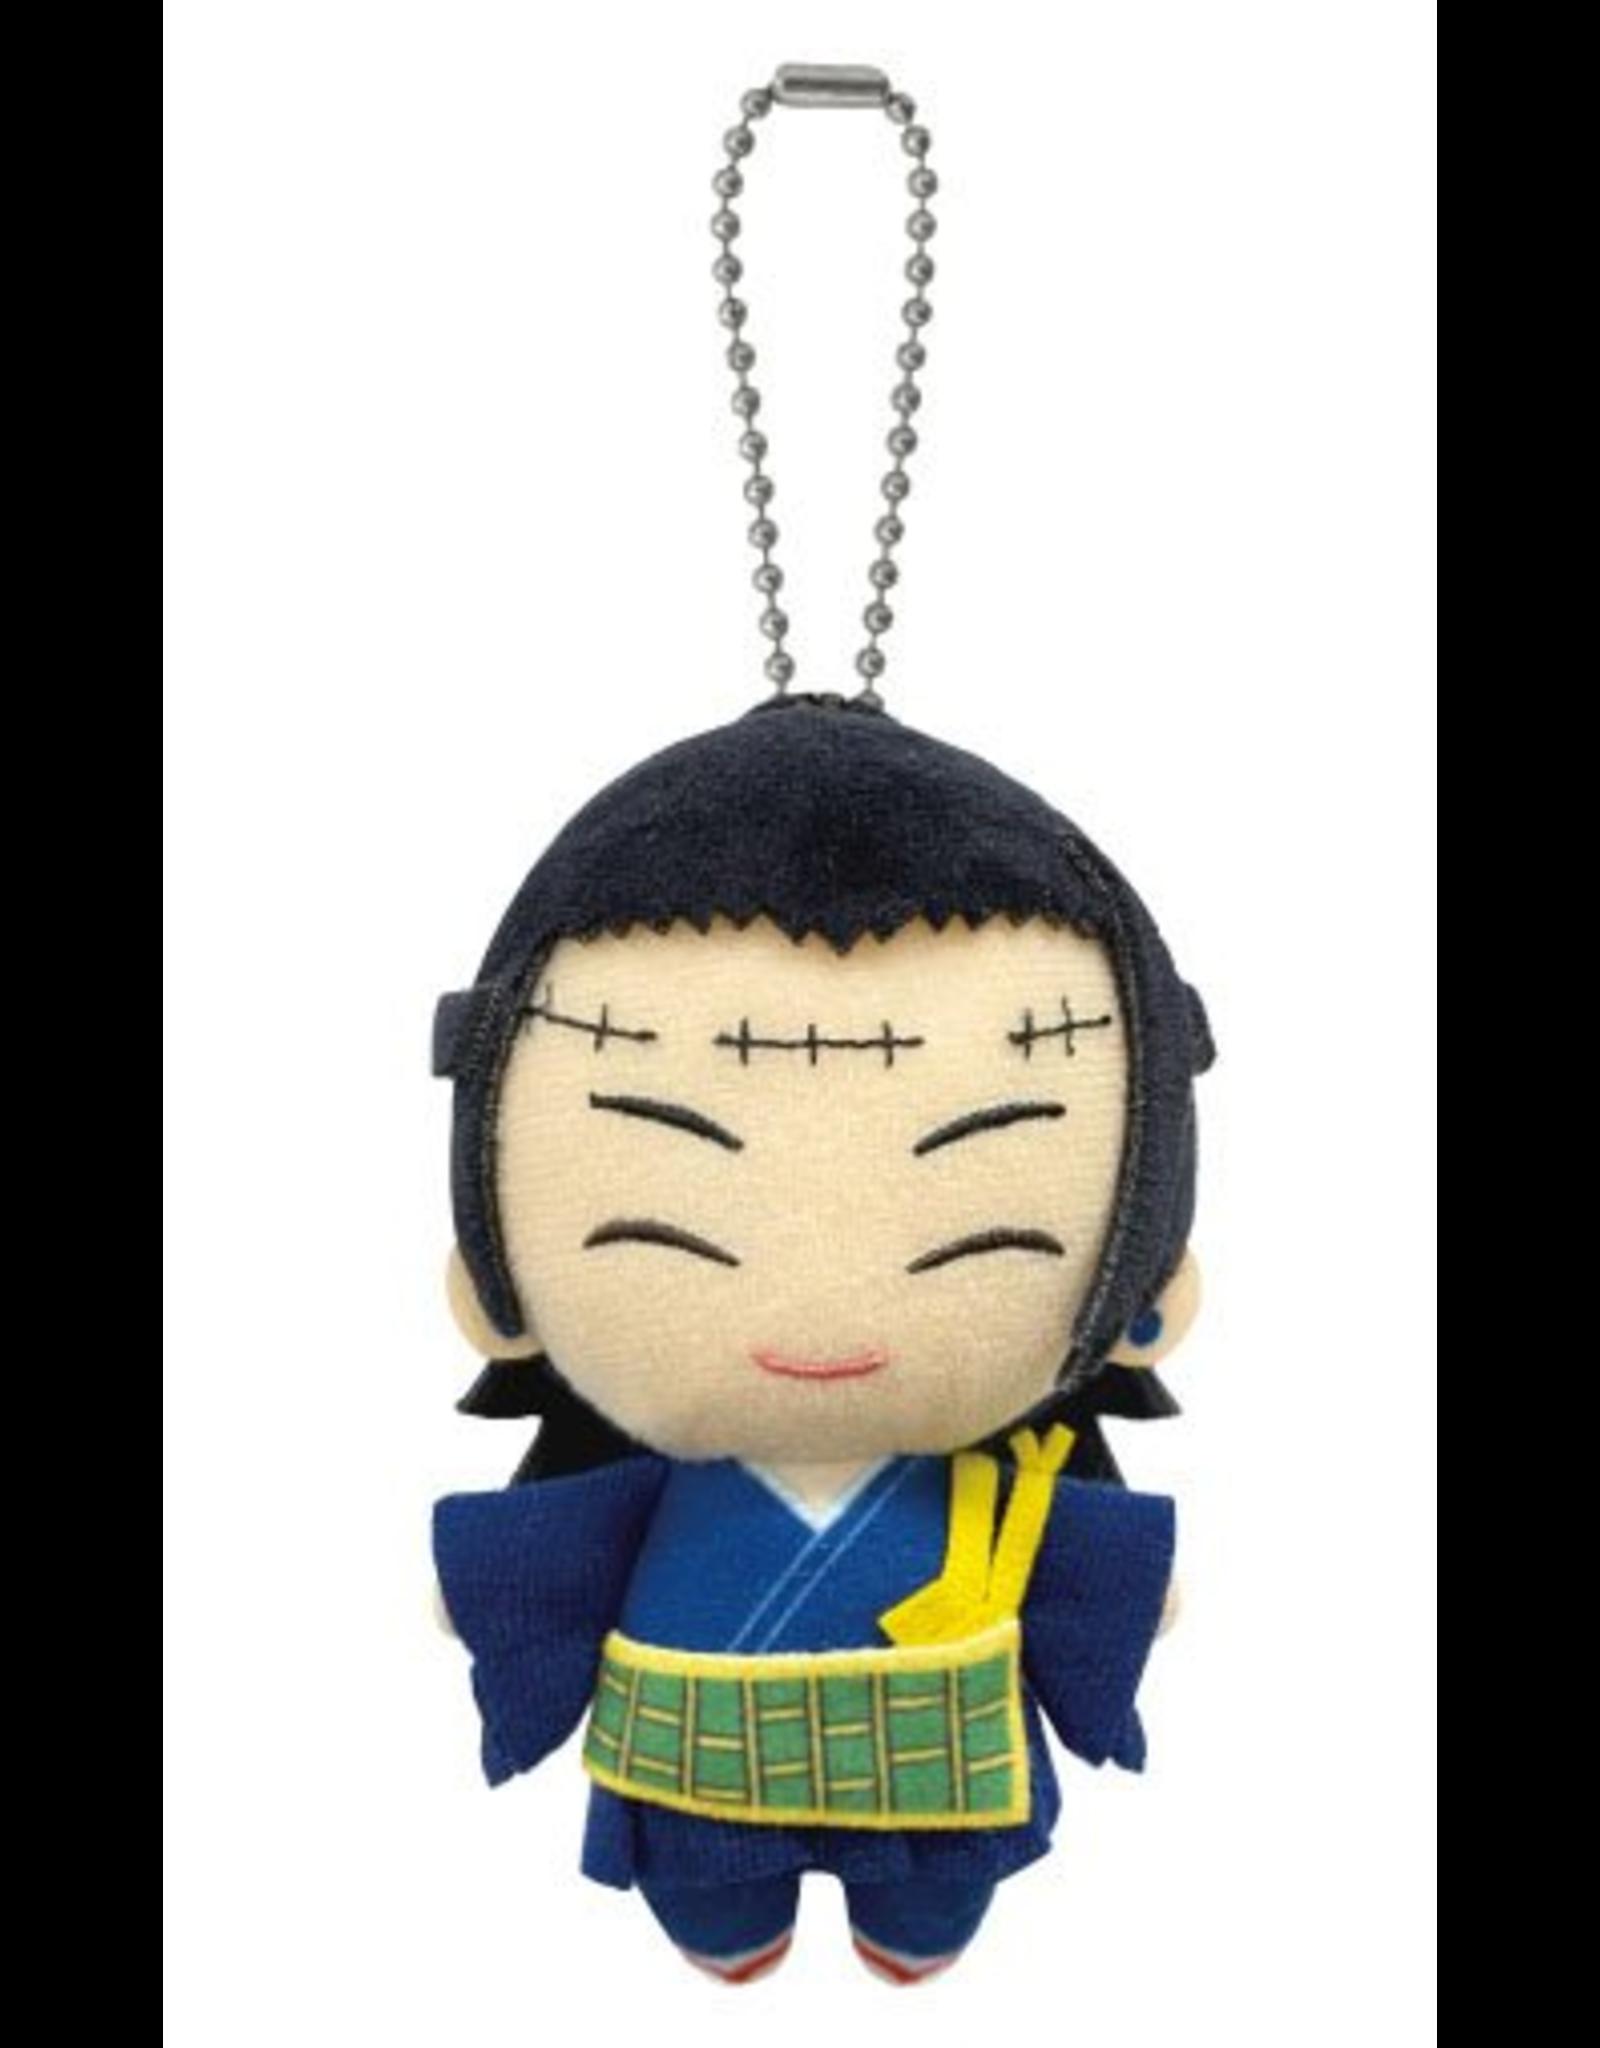 Jujutsu Kaisen - Suguru Geto - Ball Chain Mascot Plush - 11 cm